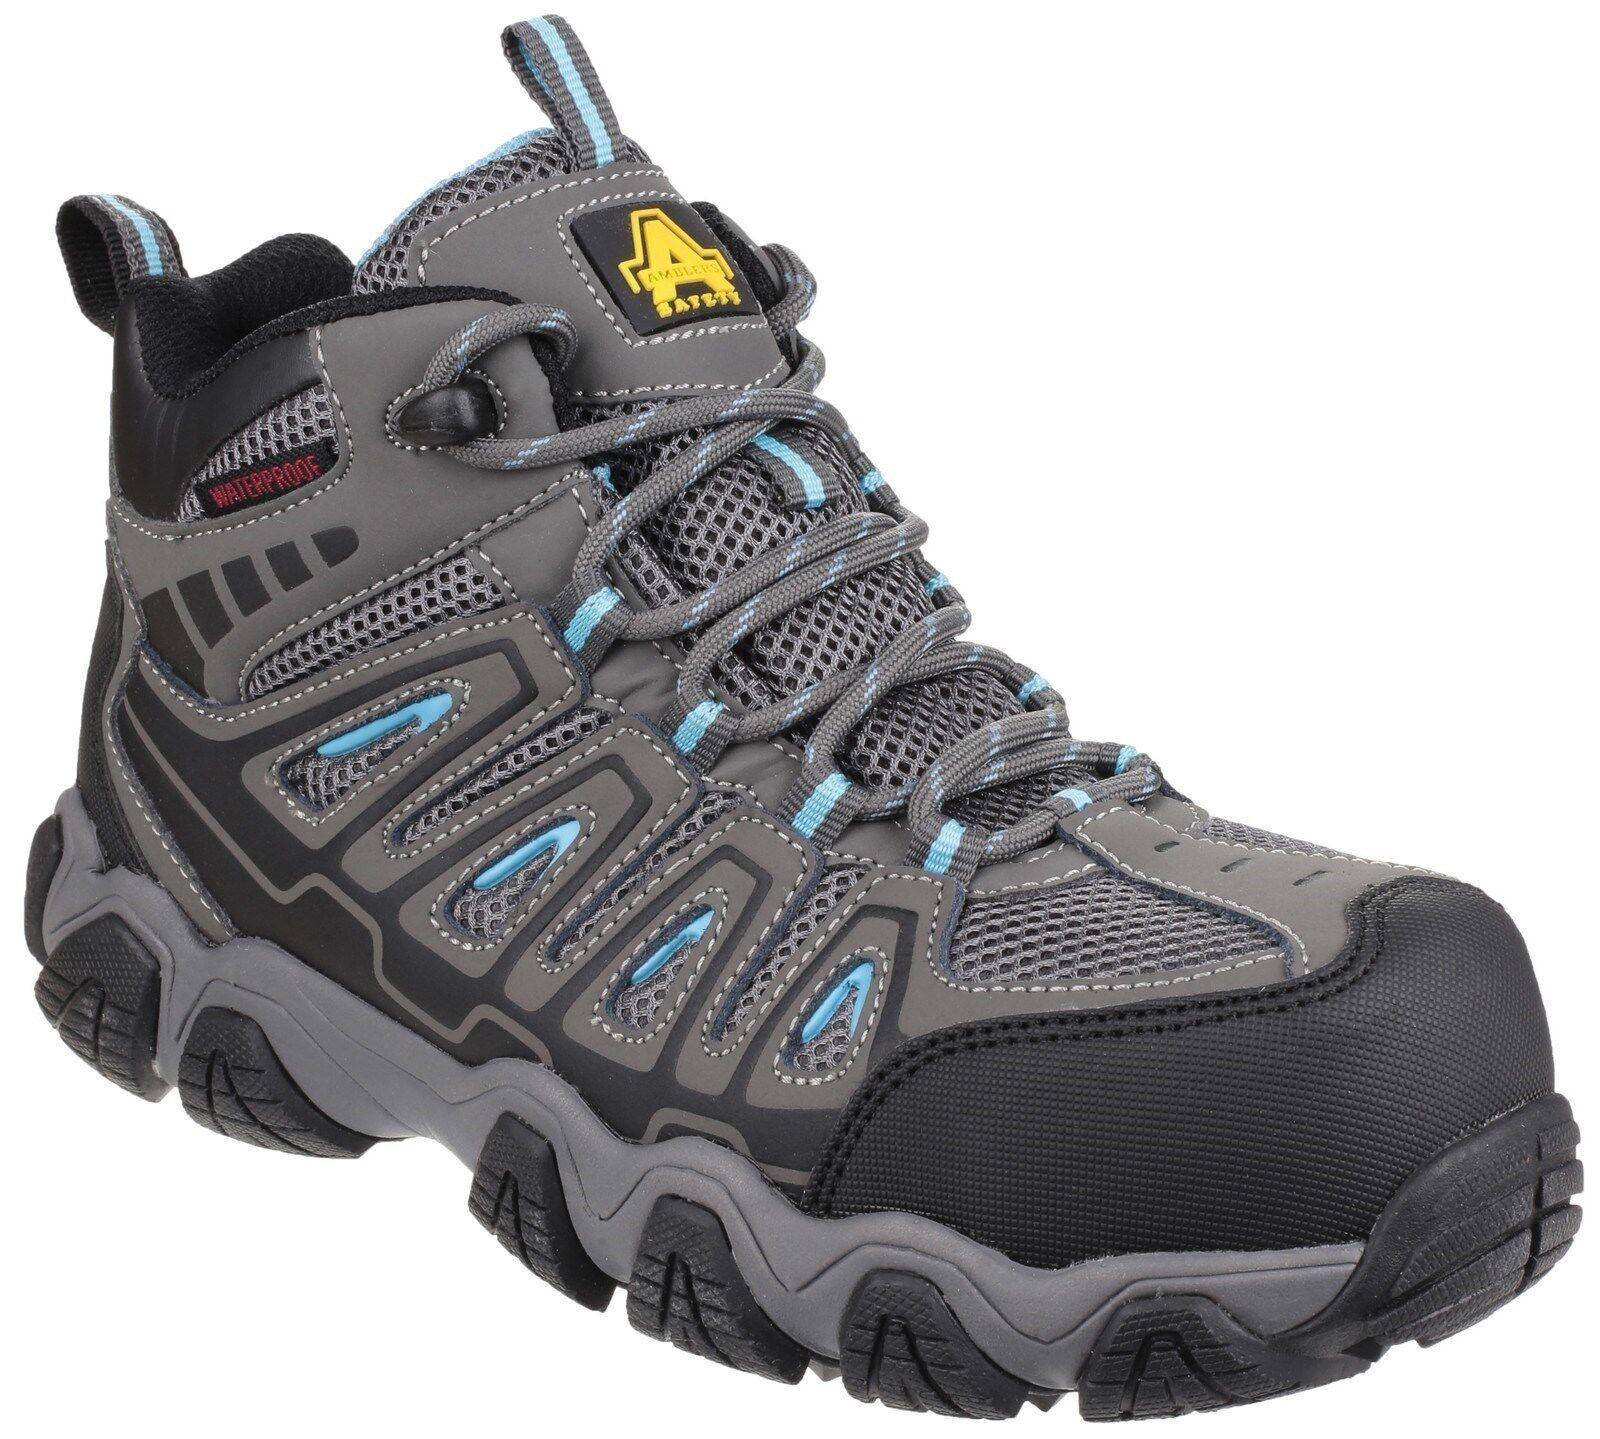 AMBLERS AS802 antinfortunistiche avvio di escursionista GRIGIO IMPERMEABILE